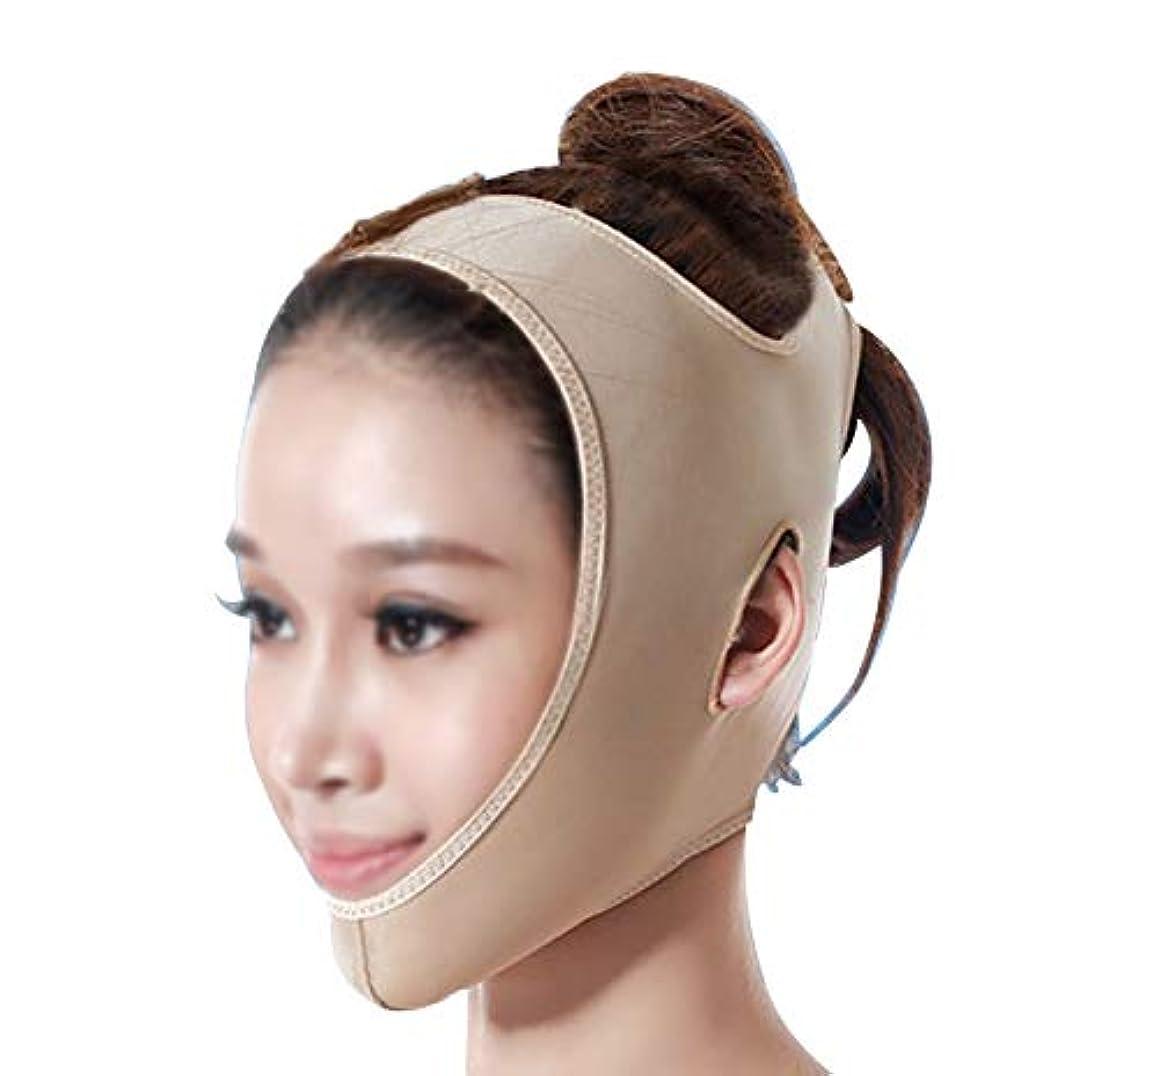 抽出信頼できる受信TLMY 引き締めマスクマスク美容薬マスク美容V顔包帯ライン彫刻引き締めしっかりダブルチンマスク 顔用整形マスク (Size : M)